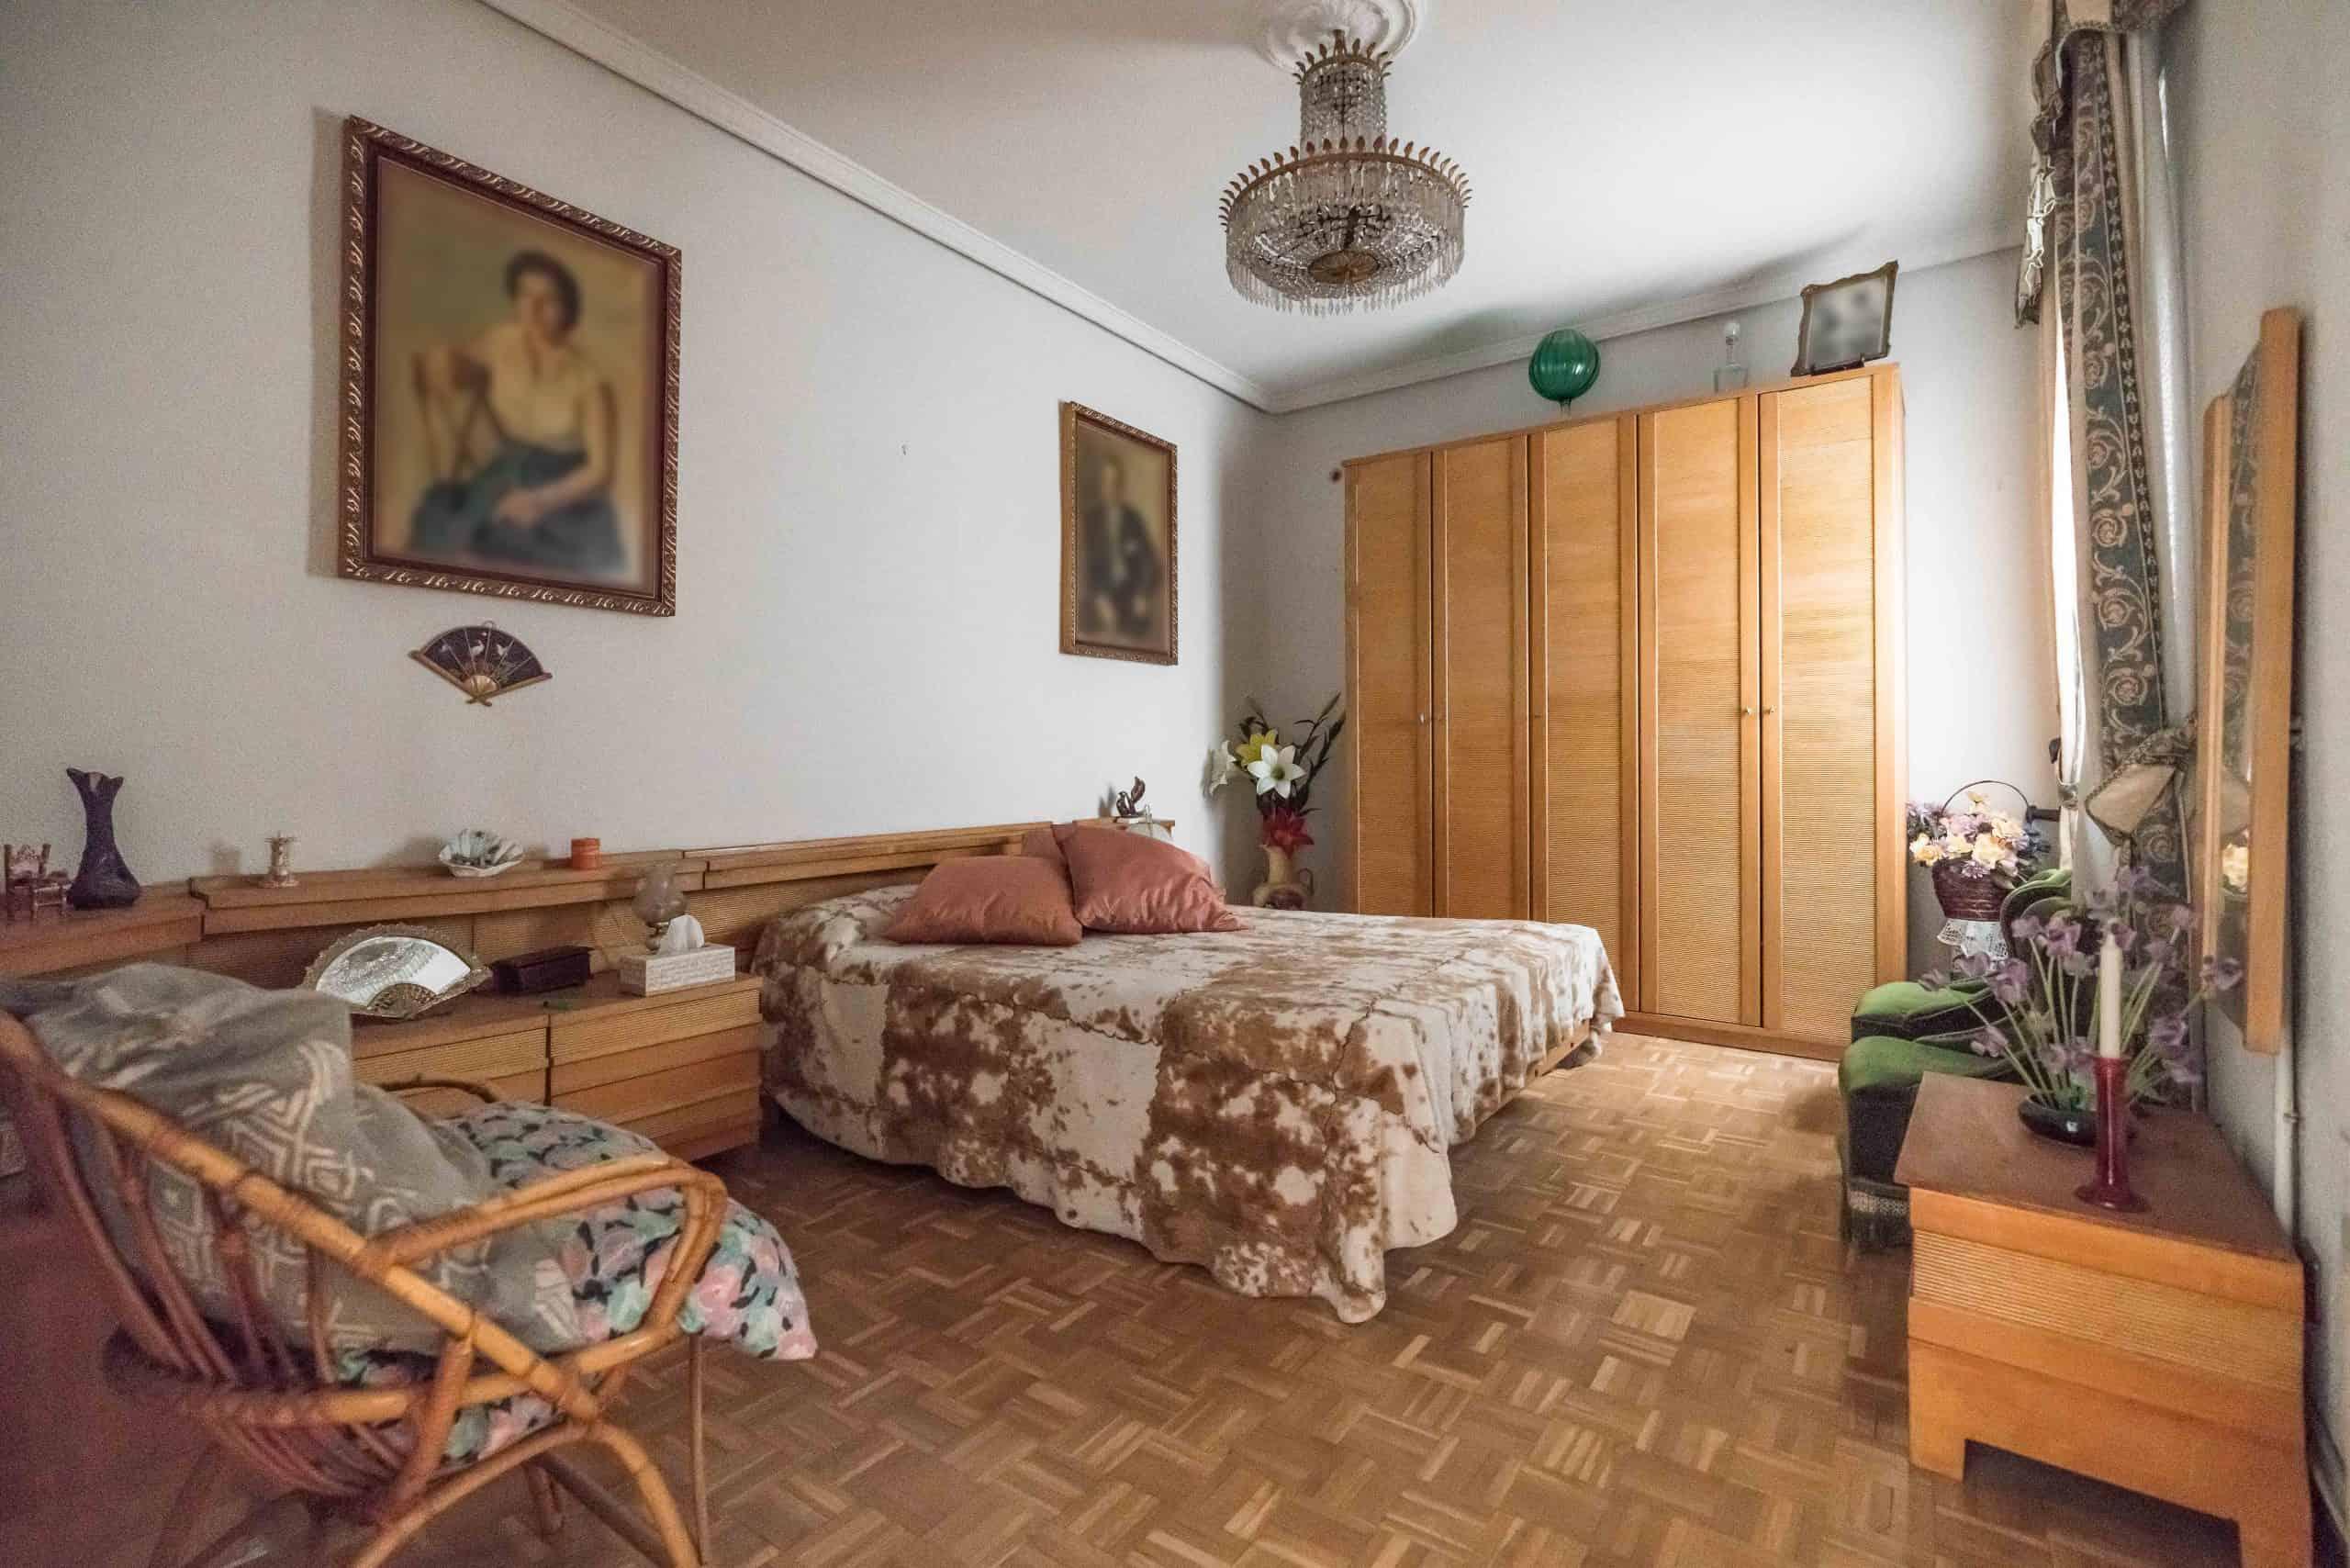 Agencia Inmobiliaria de Madrid-FUTUROCASA-Zona ARGANZUELA-EMBAJADORES-LEGAZPI -calle Guillermo de Osma 2 DORMITORIO1 (1) (Copy)